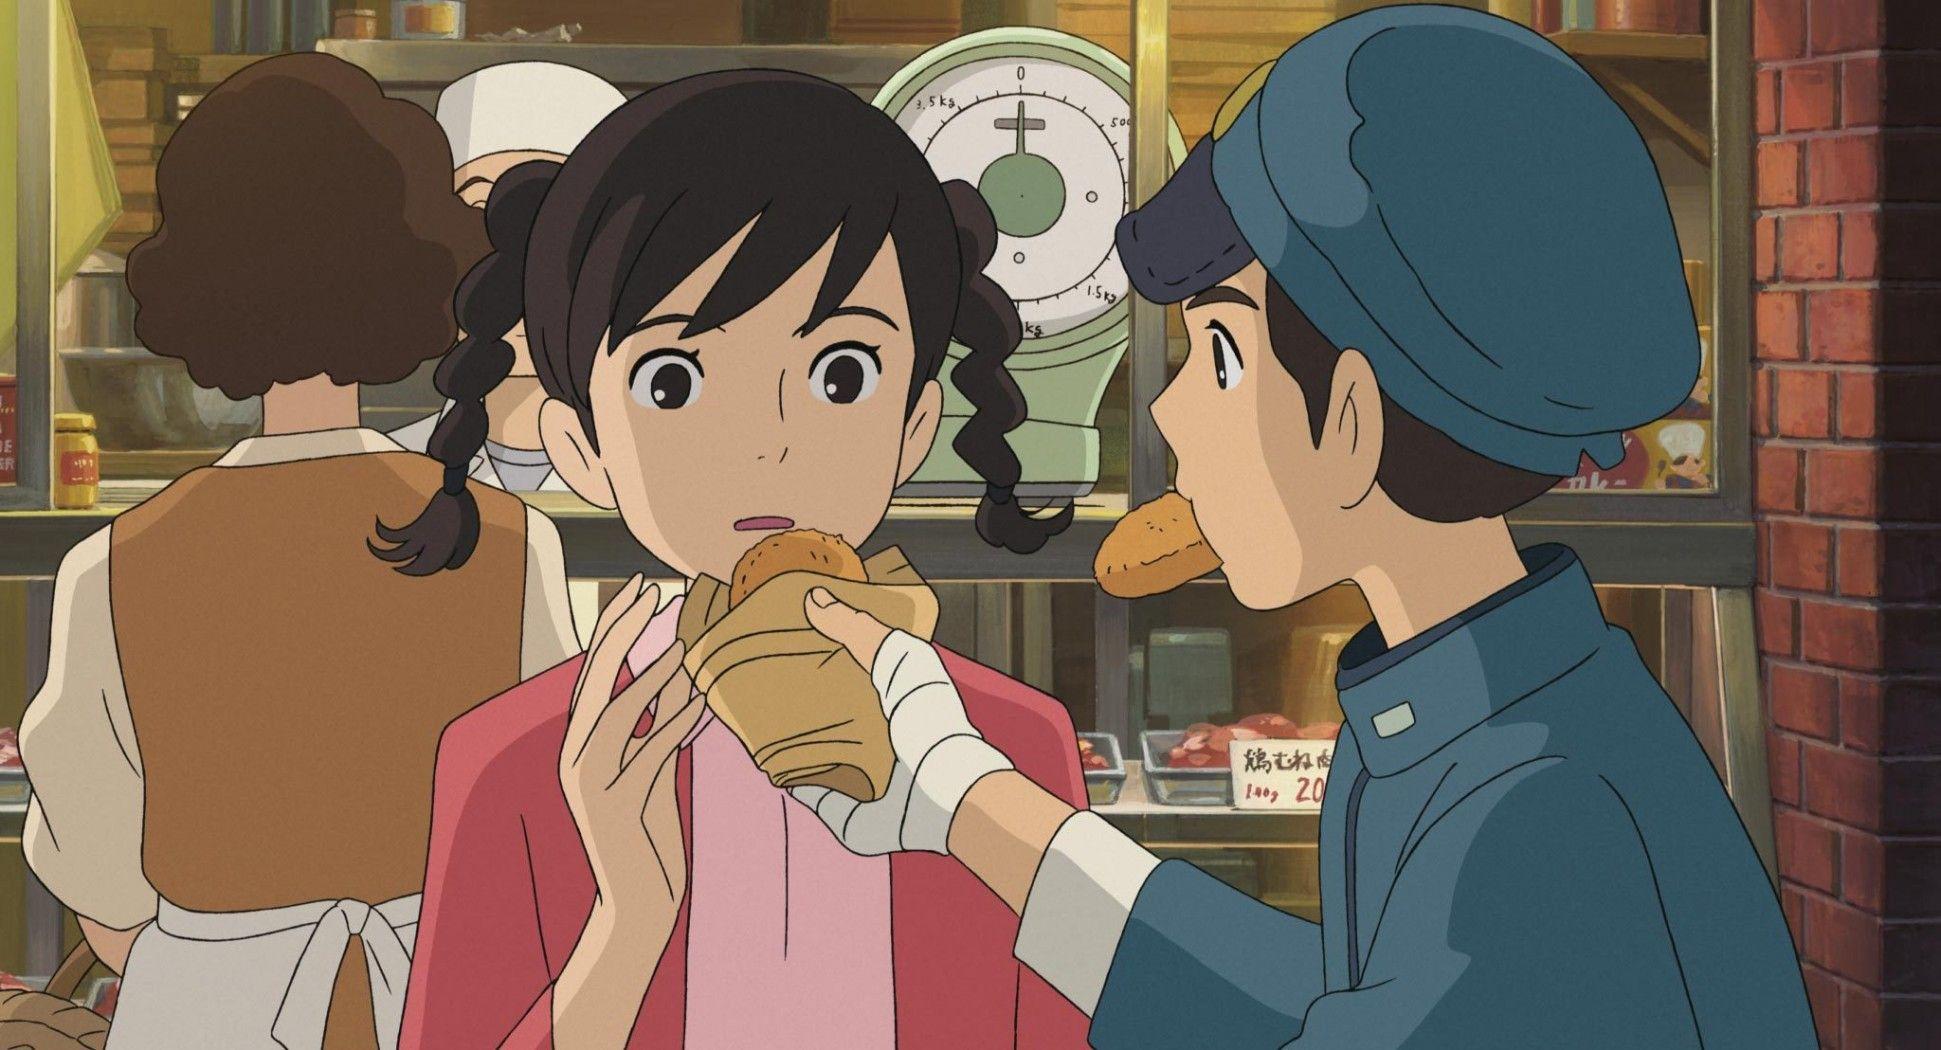 Kết quả hình ảnh cho From Up on Poppy Hill (Coquelicot-zaka kara) anime